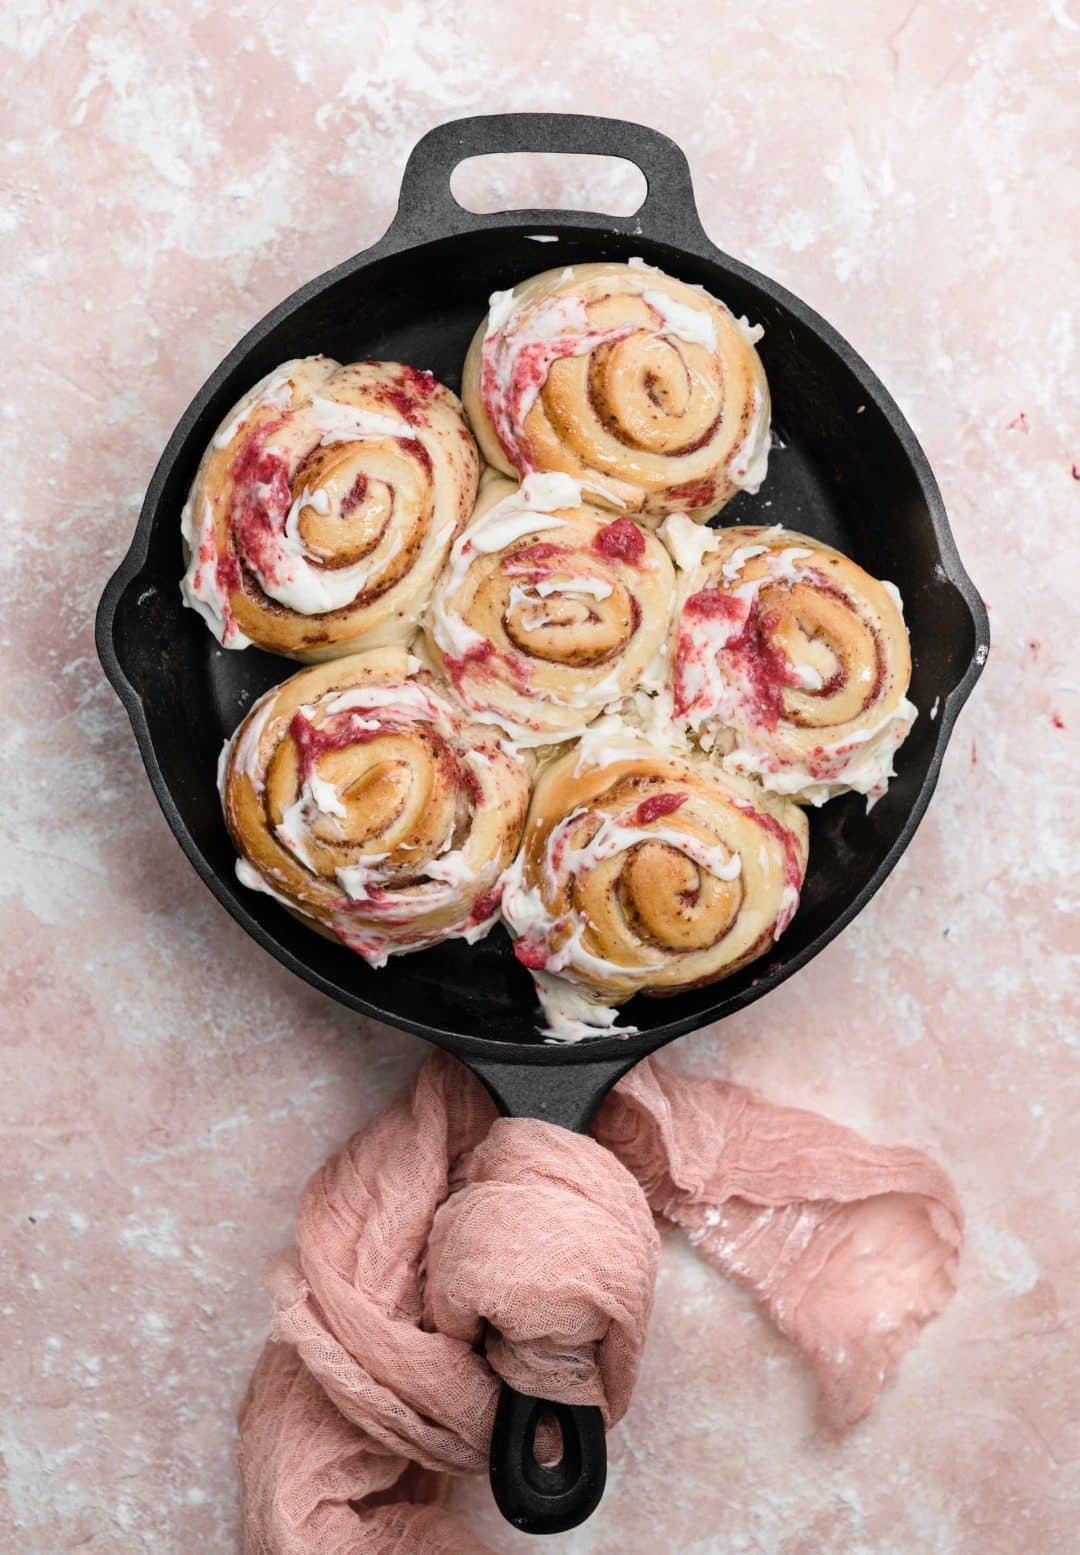 rhubarb rolls in skillet